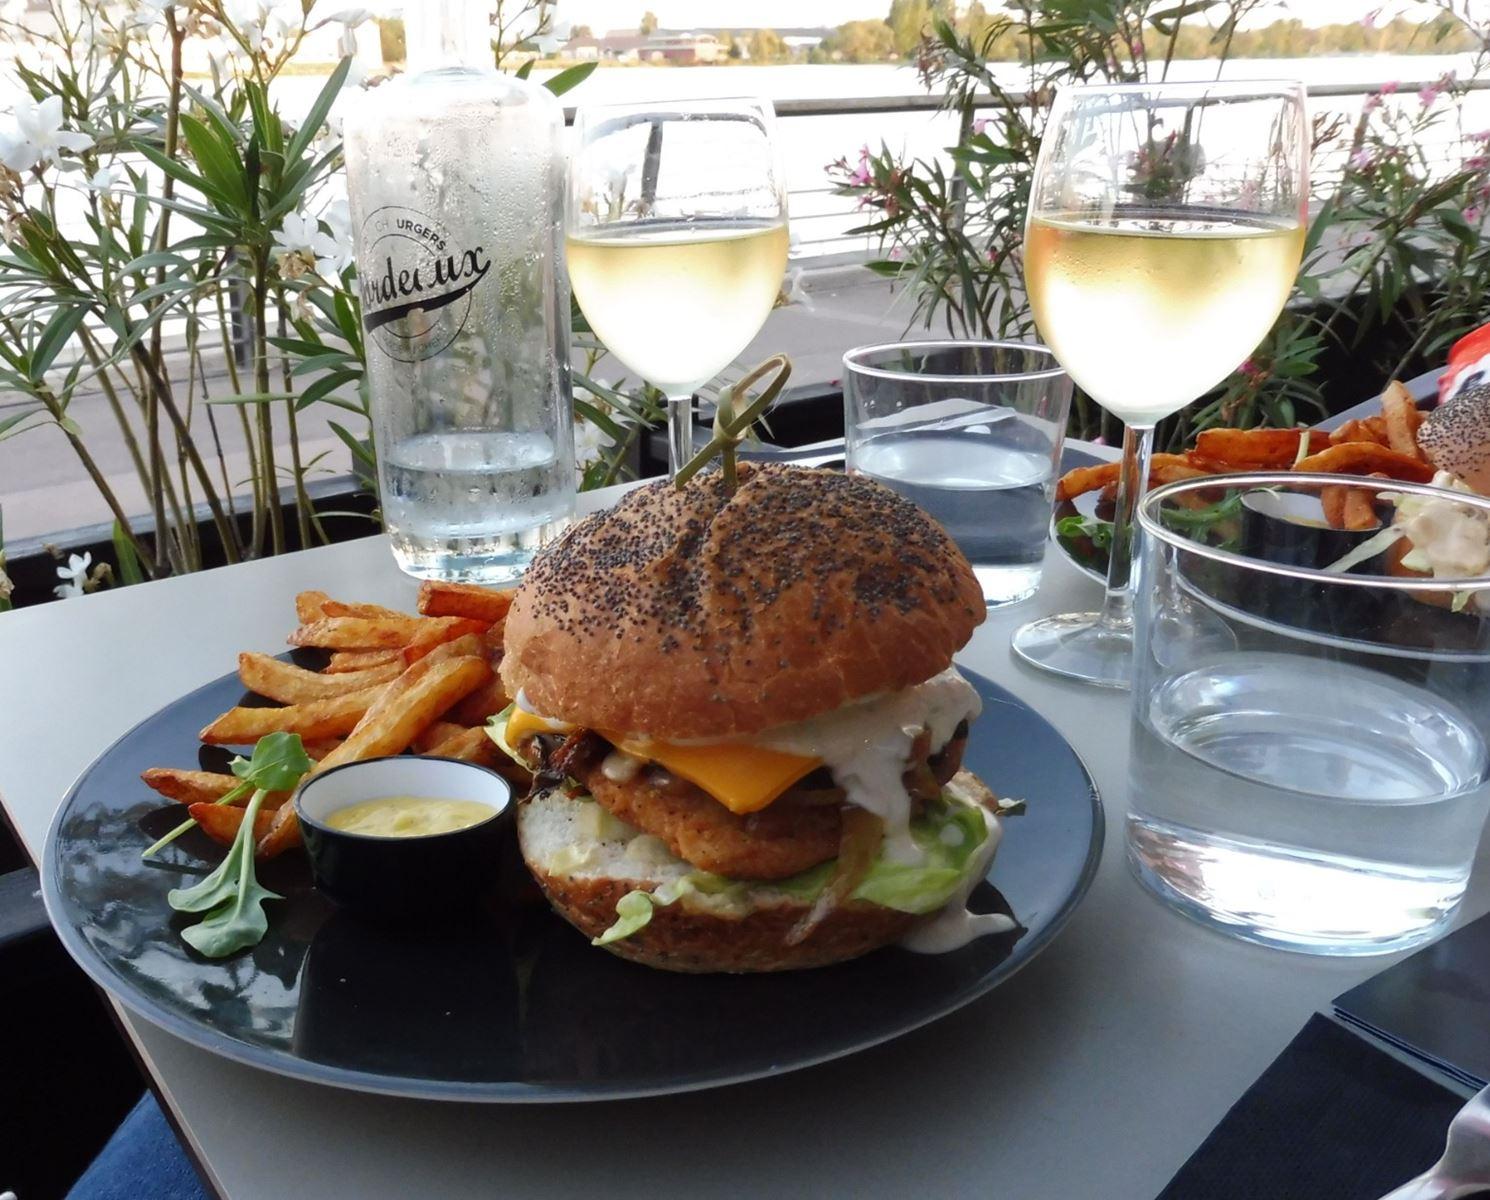 French Burgers, des burgers pour tous et même pour les végétariens ! Par Lili LaRochelle à Bordeaux